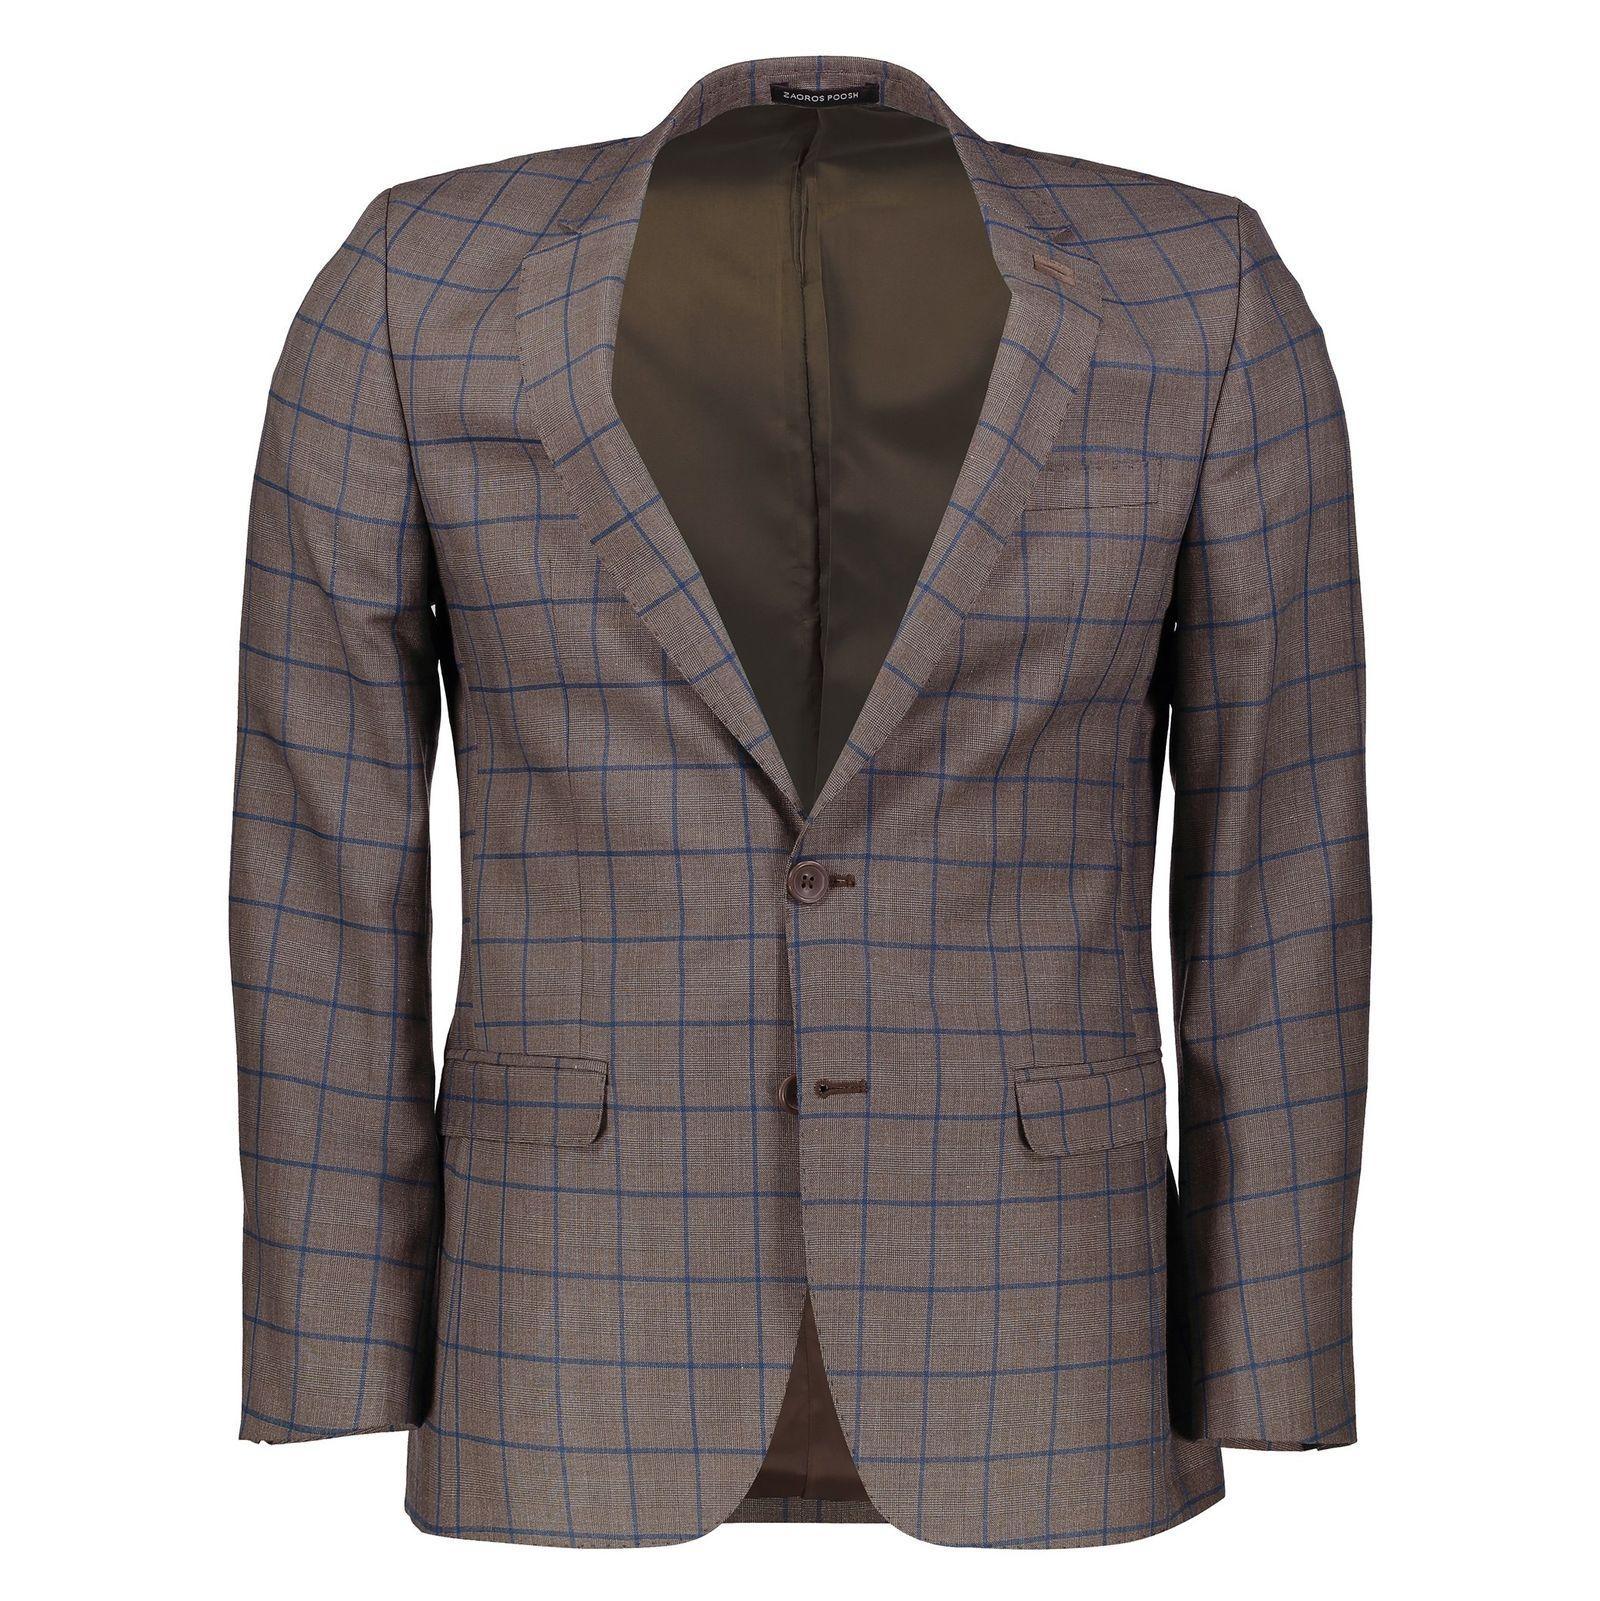 کت تک  غیر رسمی مردانه - زاگرس پوش - قهوه اي روشن - 1